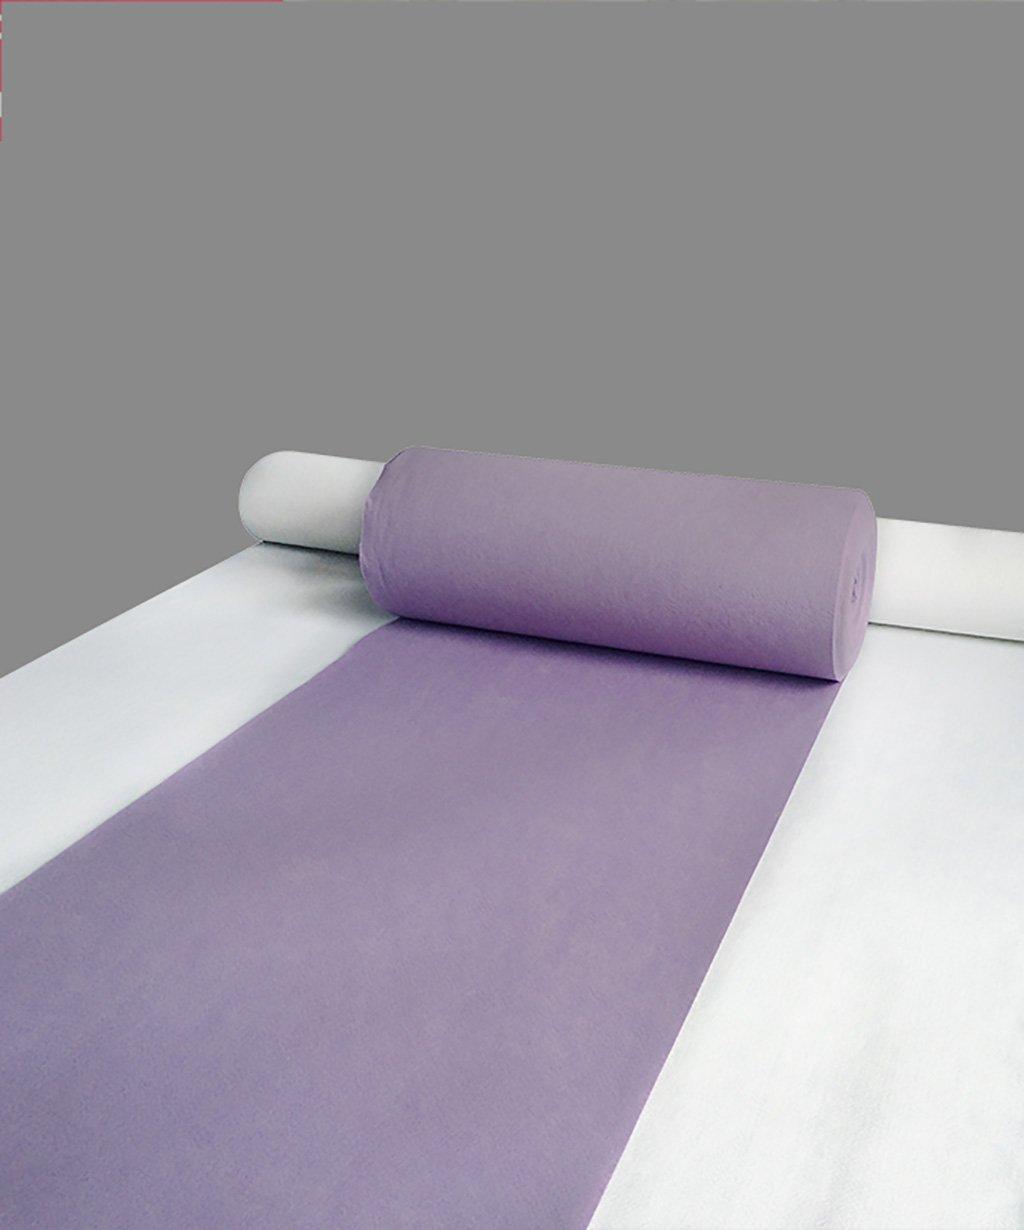 QiangDa Tappeto Nuziale Tappeti Sposa Moquette Monouso, Tessuti Non Tessuti, Spessore 2mm 4 Formati 9 Colorei Opzionale (colore   8 , Dimensioni   1m20m)